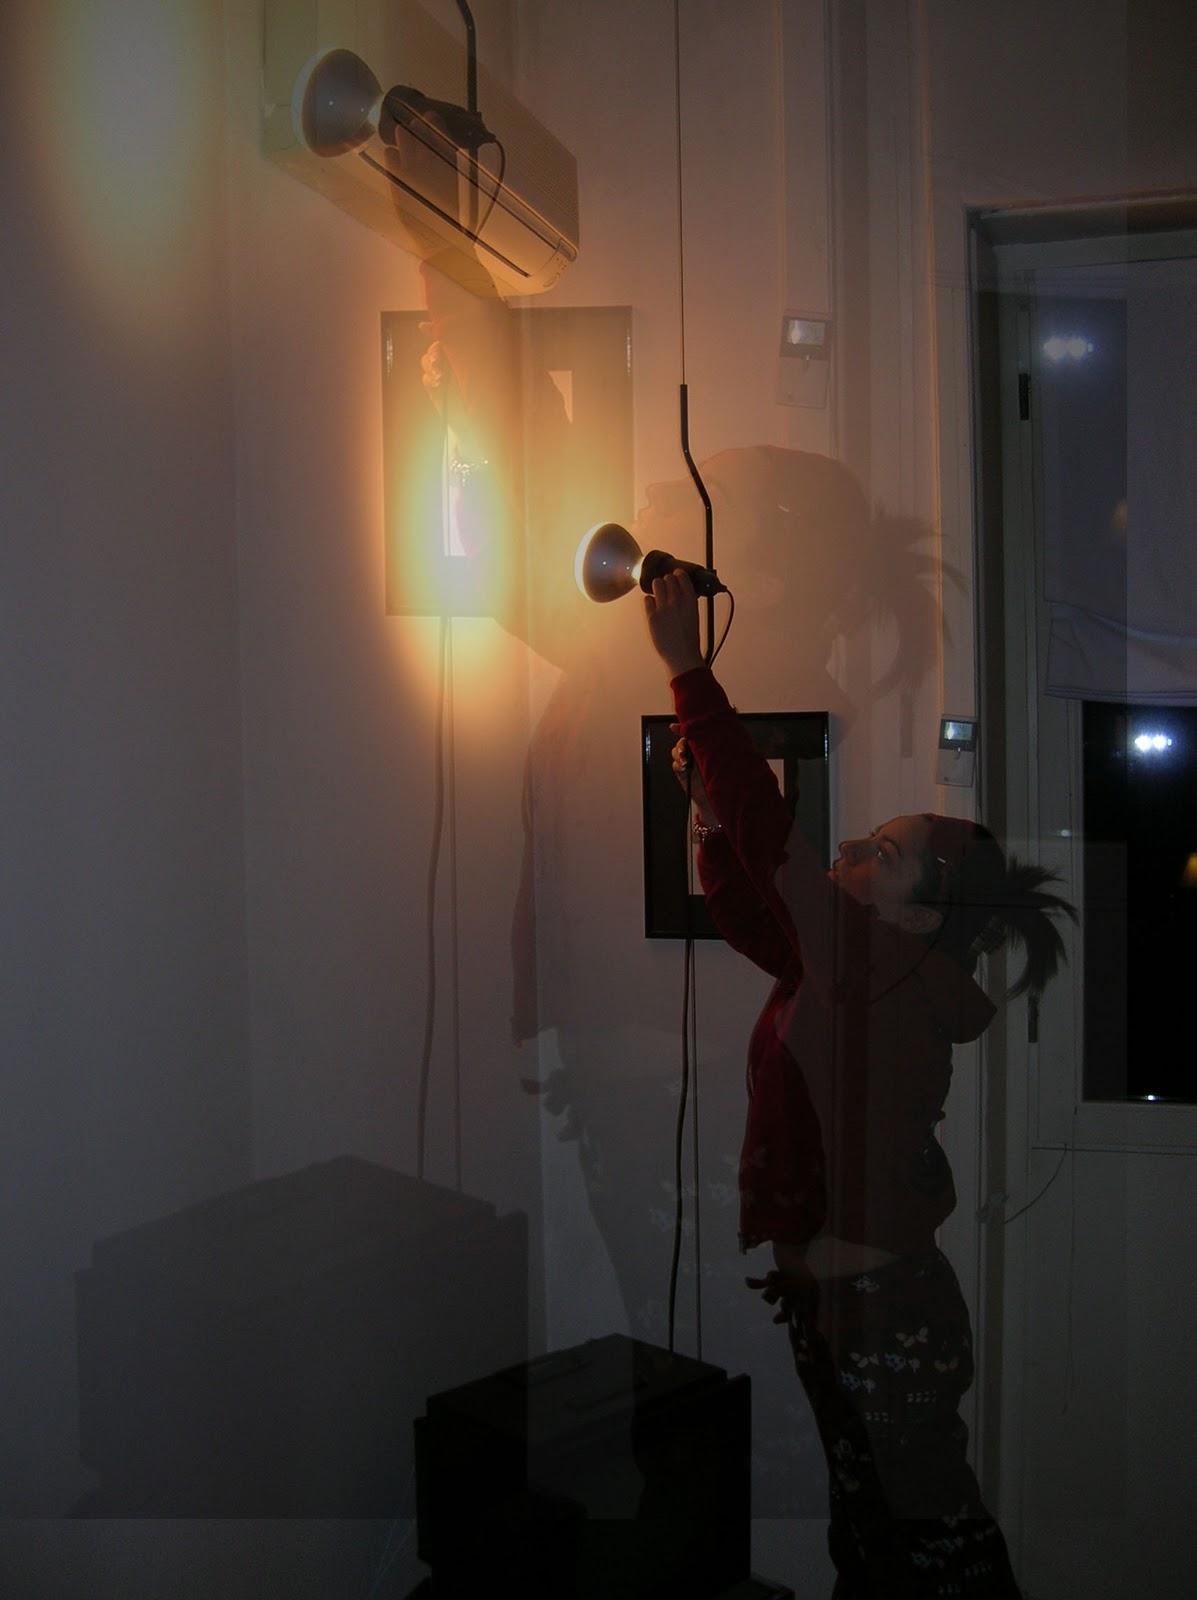 Lampadario Per Soffitto Inclinato: Lampade e lampadari ...